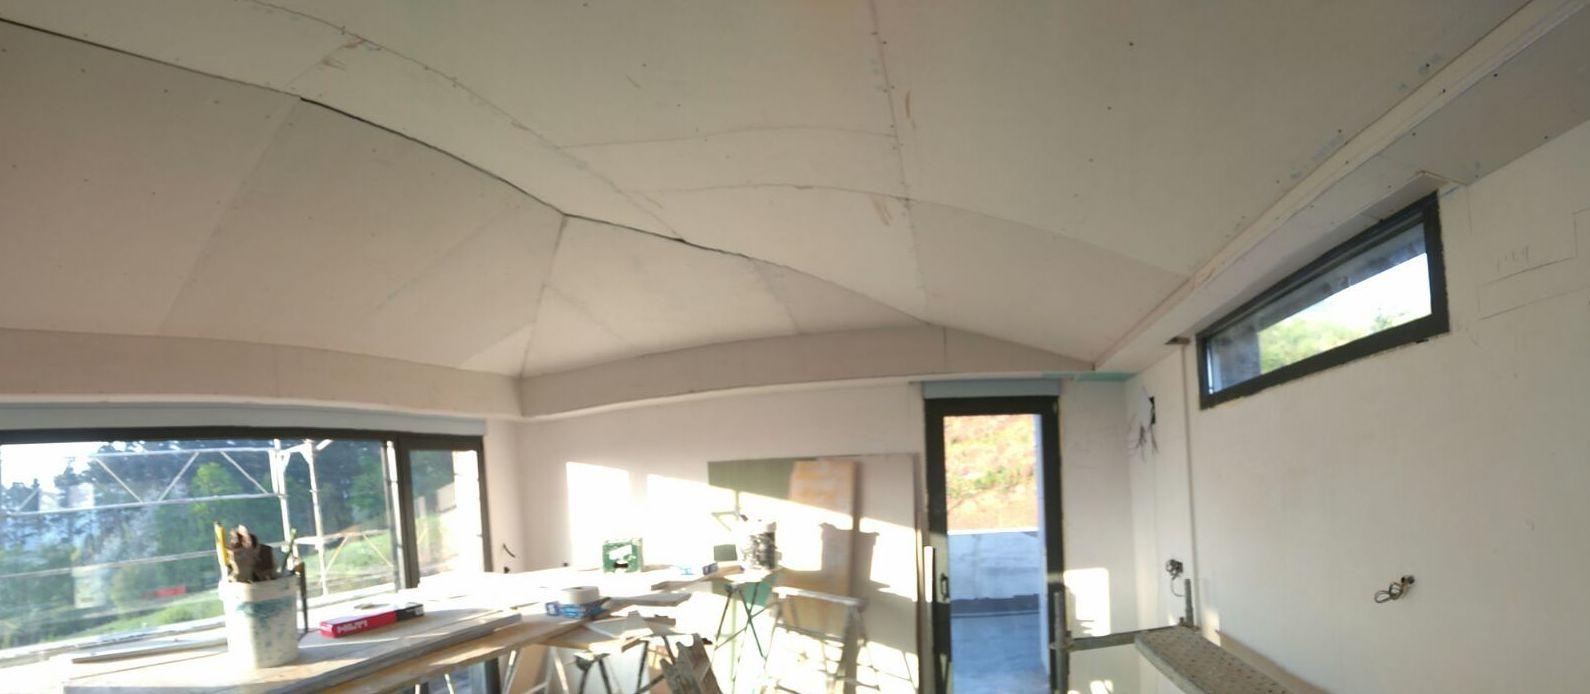 Arreglos en techos con pladur